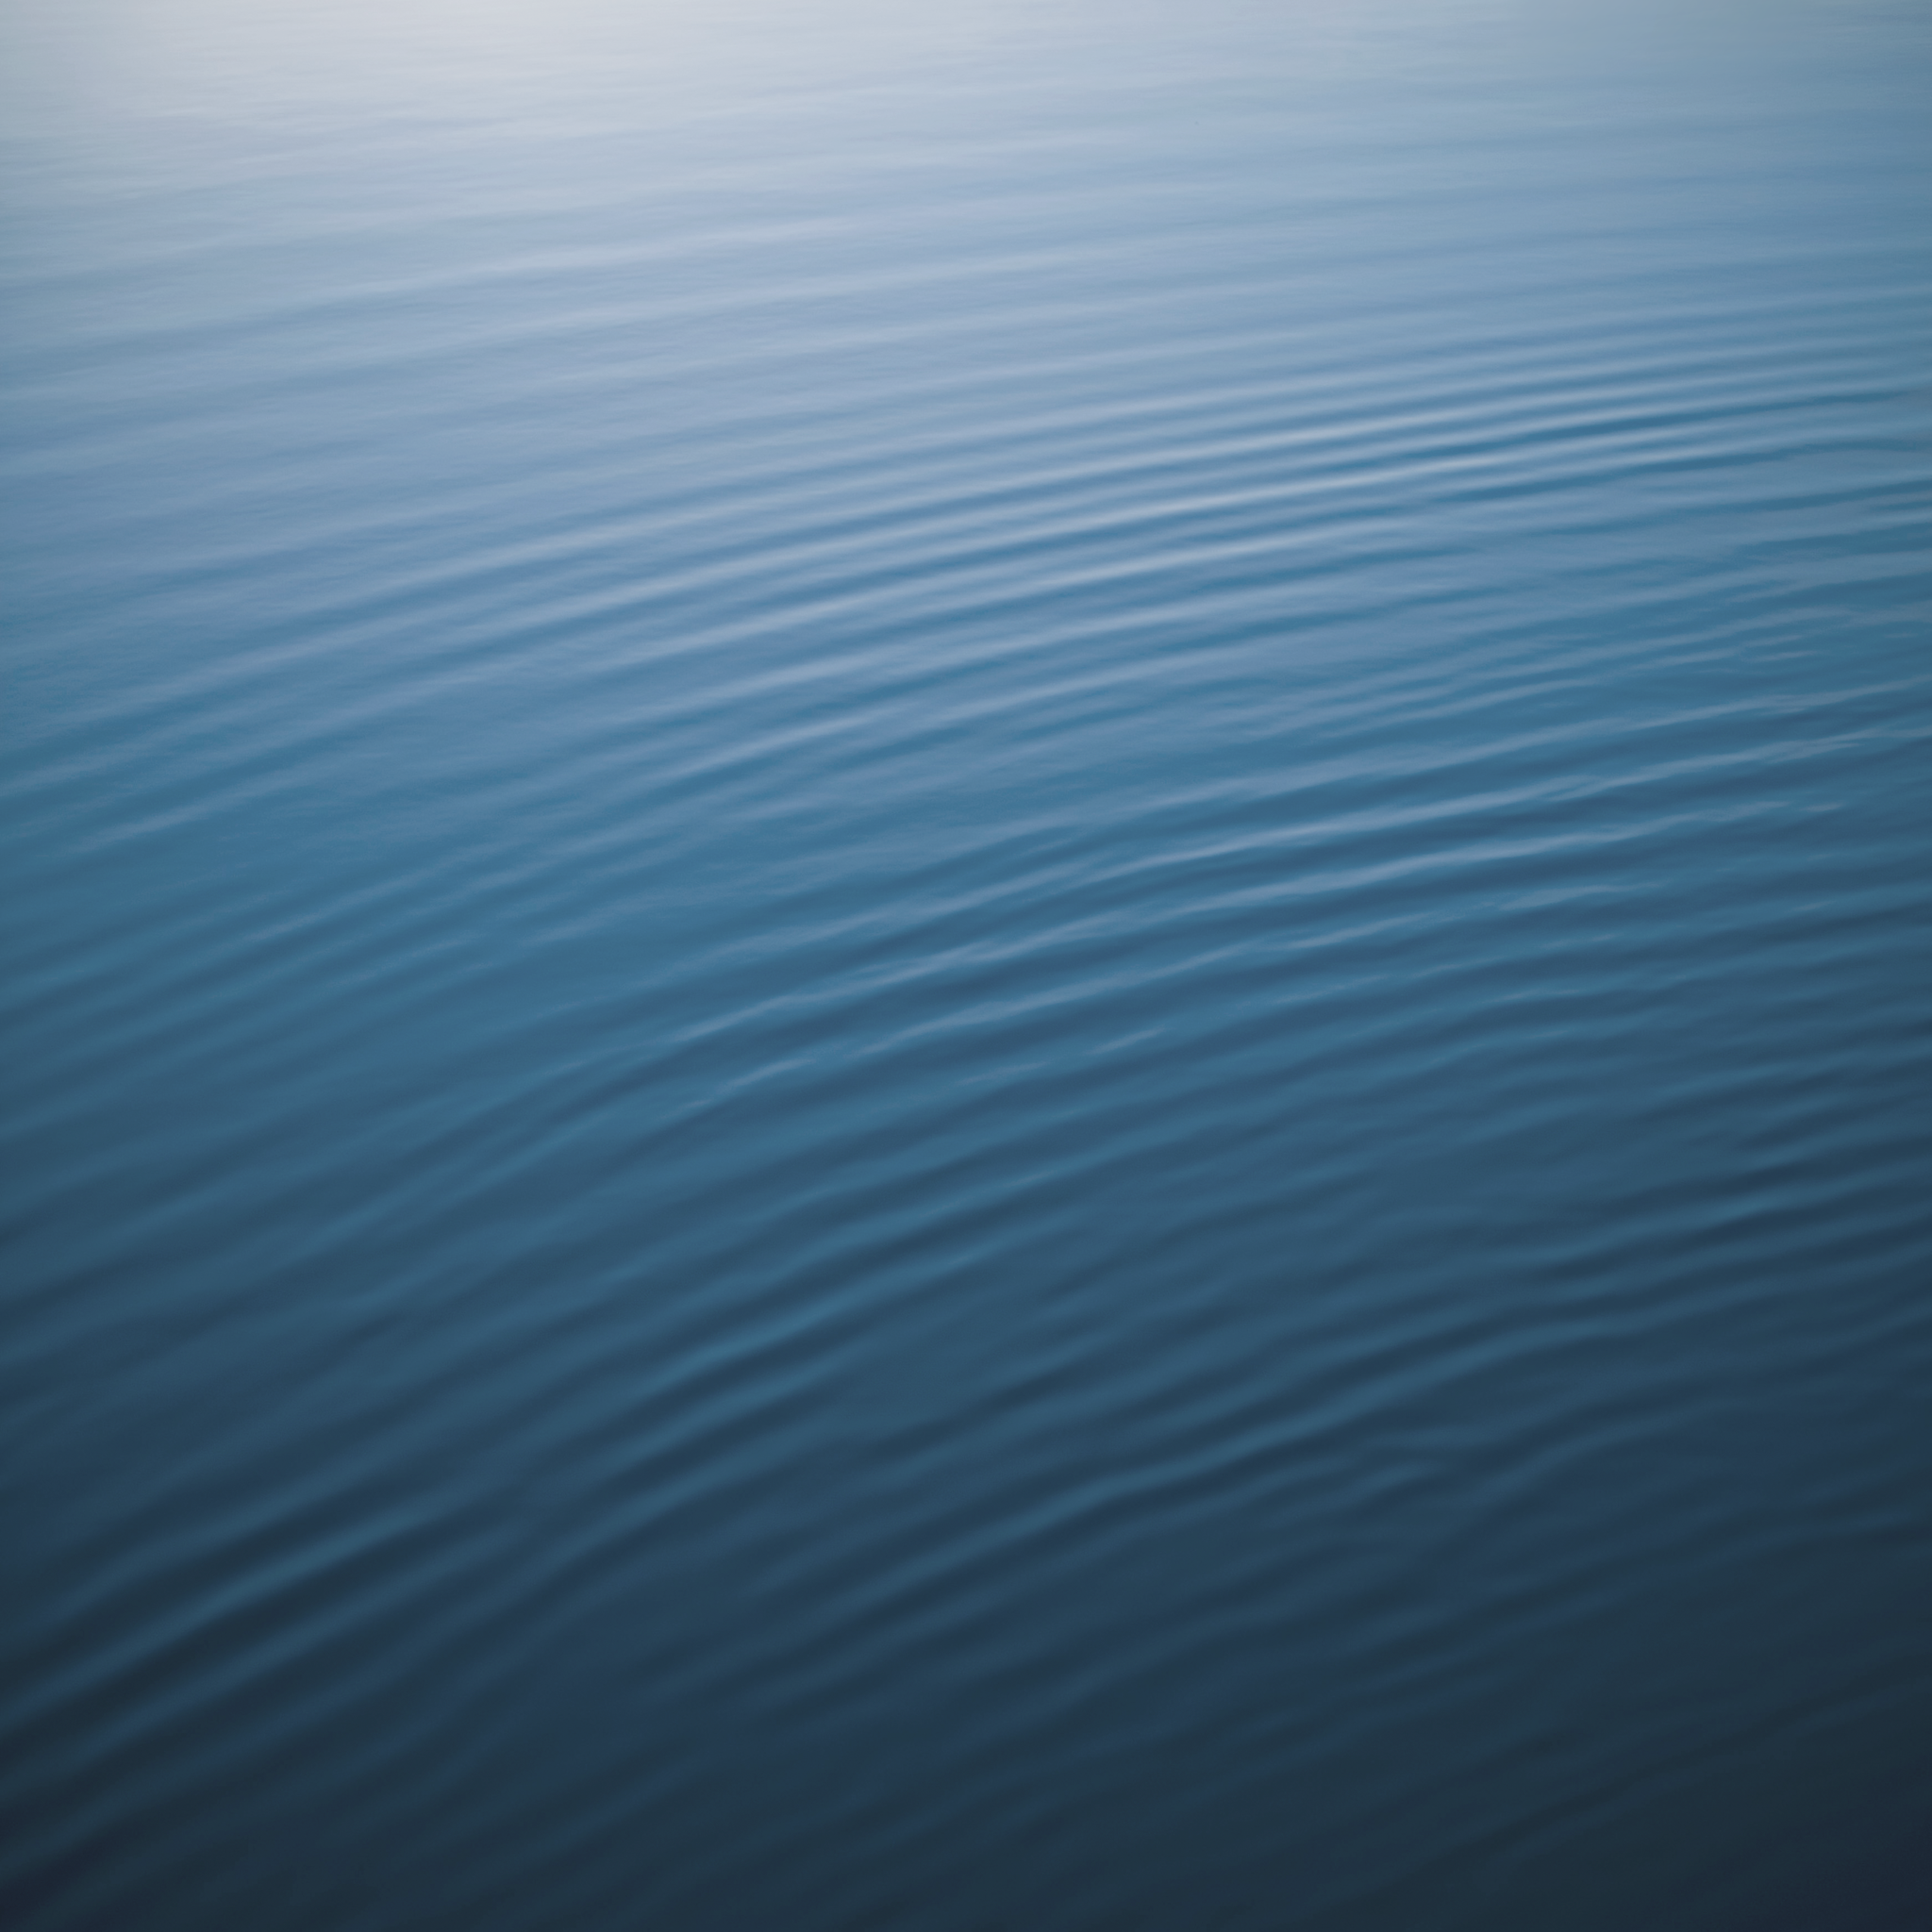 iOS 6 iPhoneOS X Mountain Lion DP4Wallpaper 2048x2048